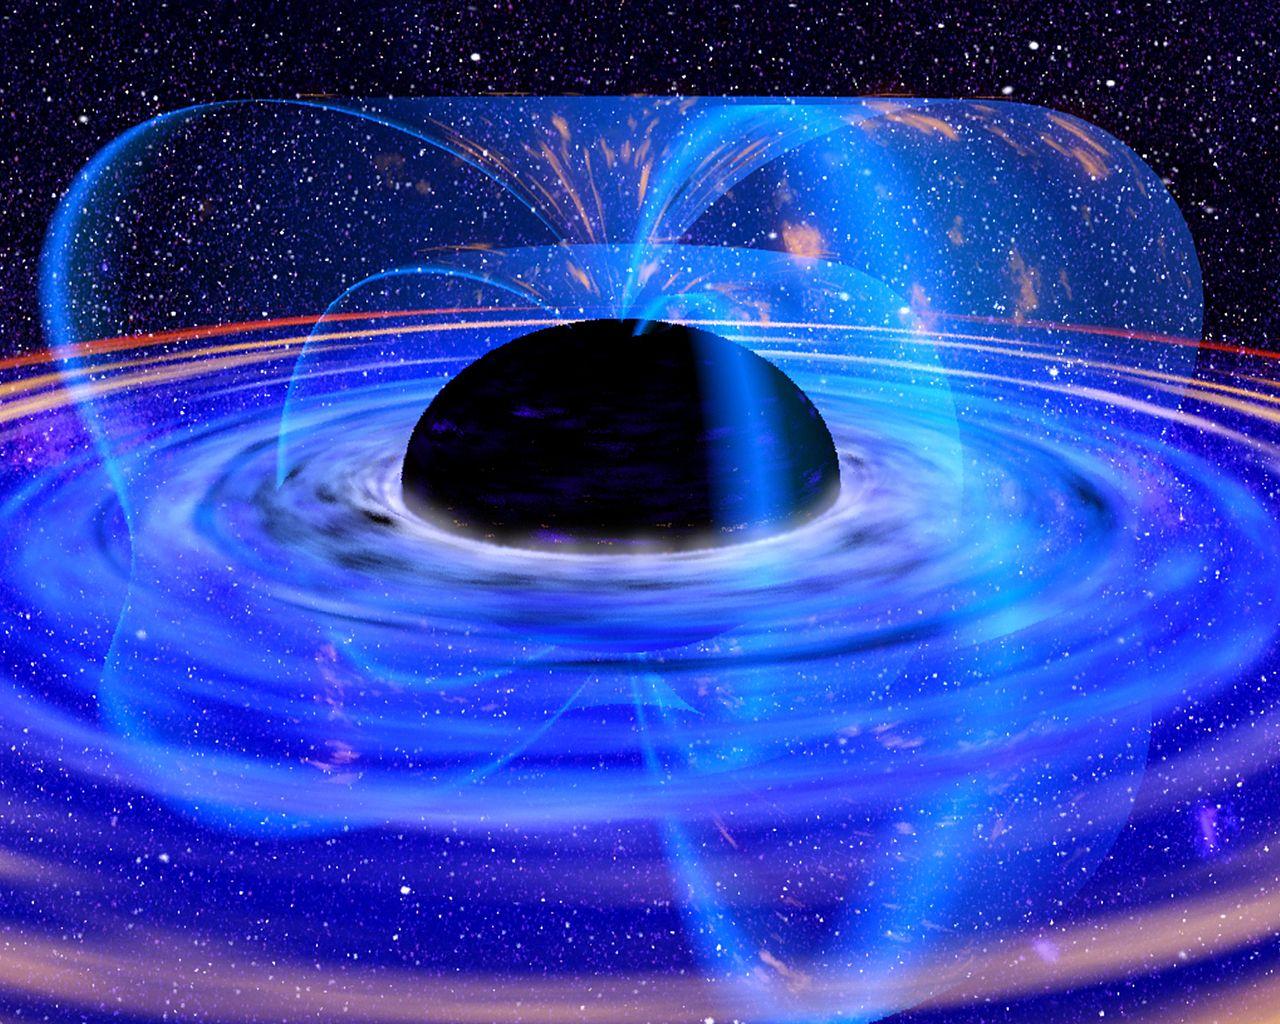 【ブラックホール】 宇宙は4次元? 4次元宇宙の超新星爆発で生まれた「特異点」こそが宇宙の正体